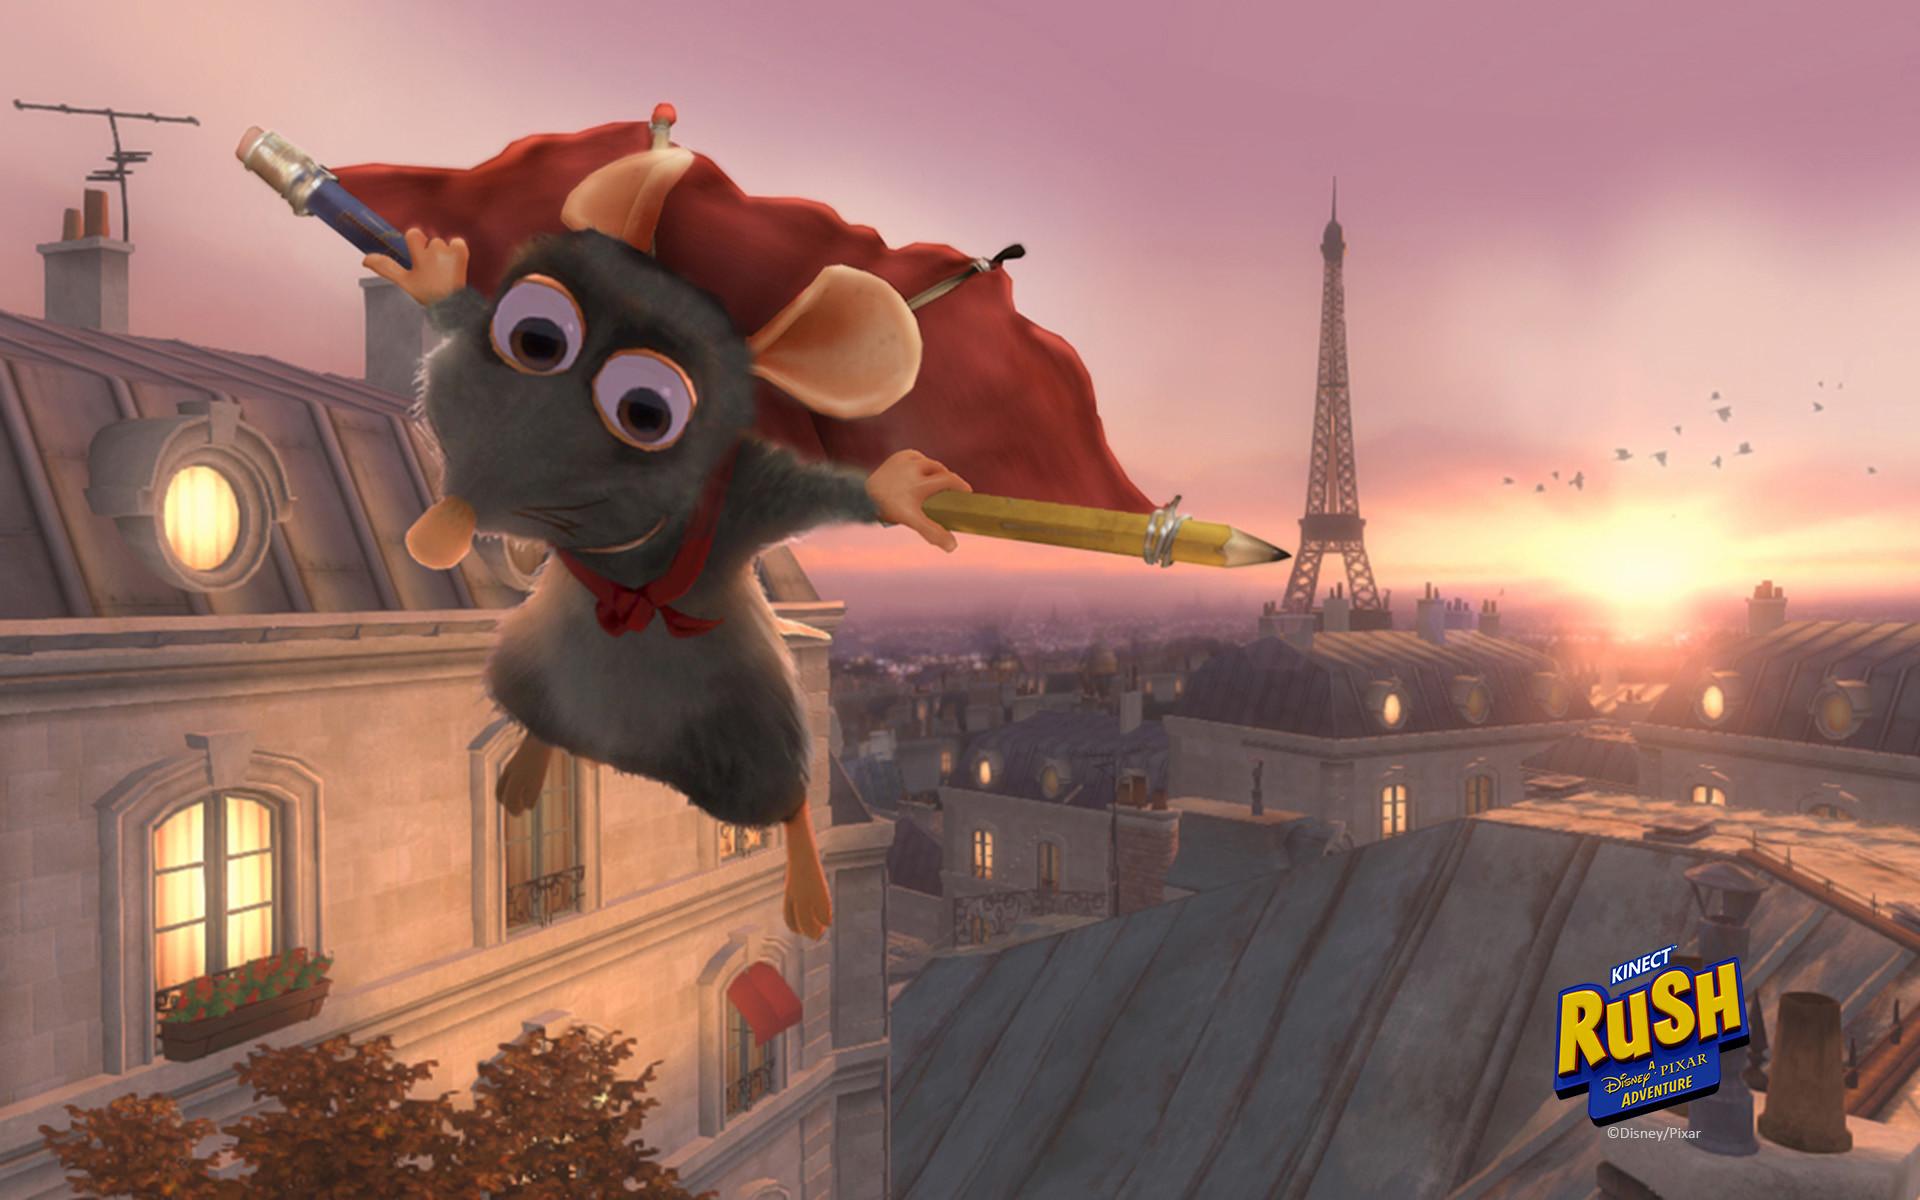 Disney Pixar Cars Wallpapers Free Download Ratatouille Wallpapers 52 Images